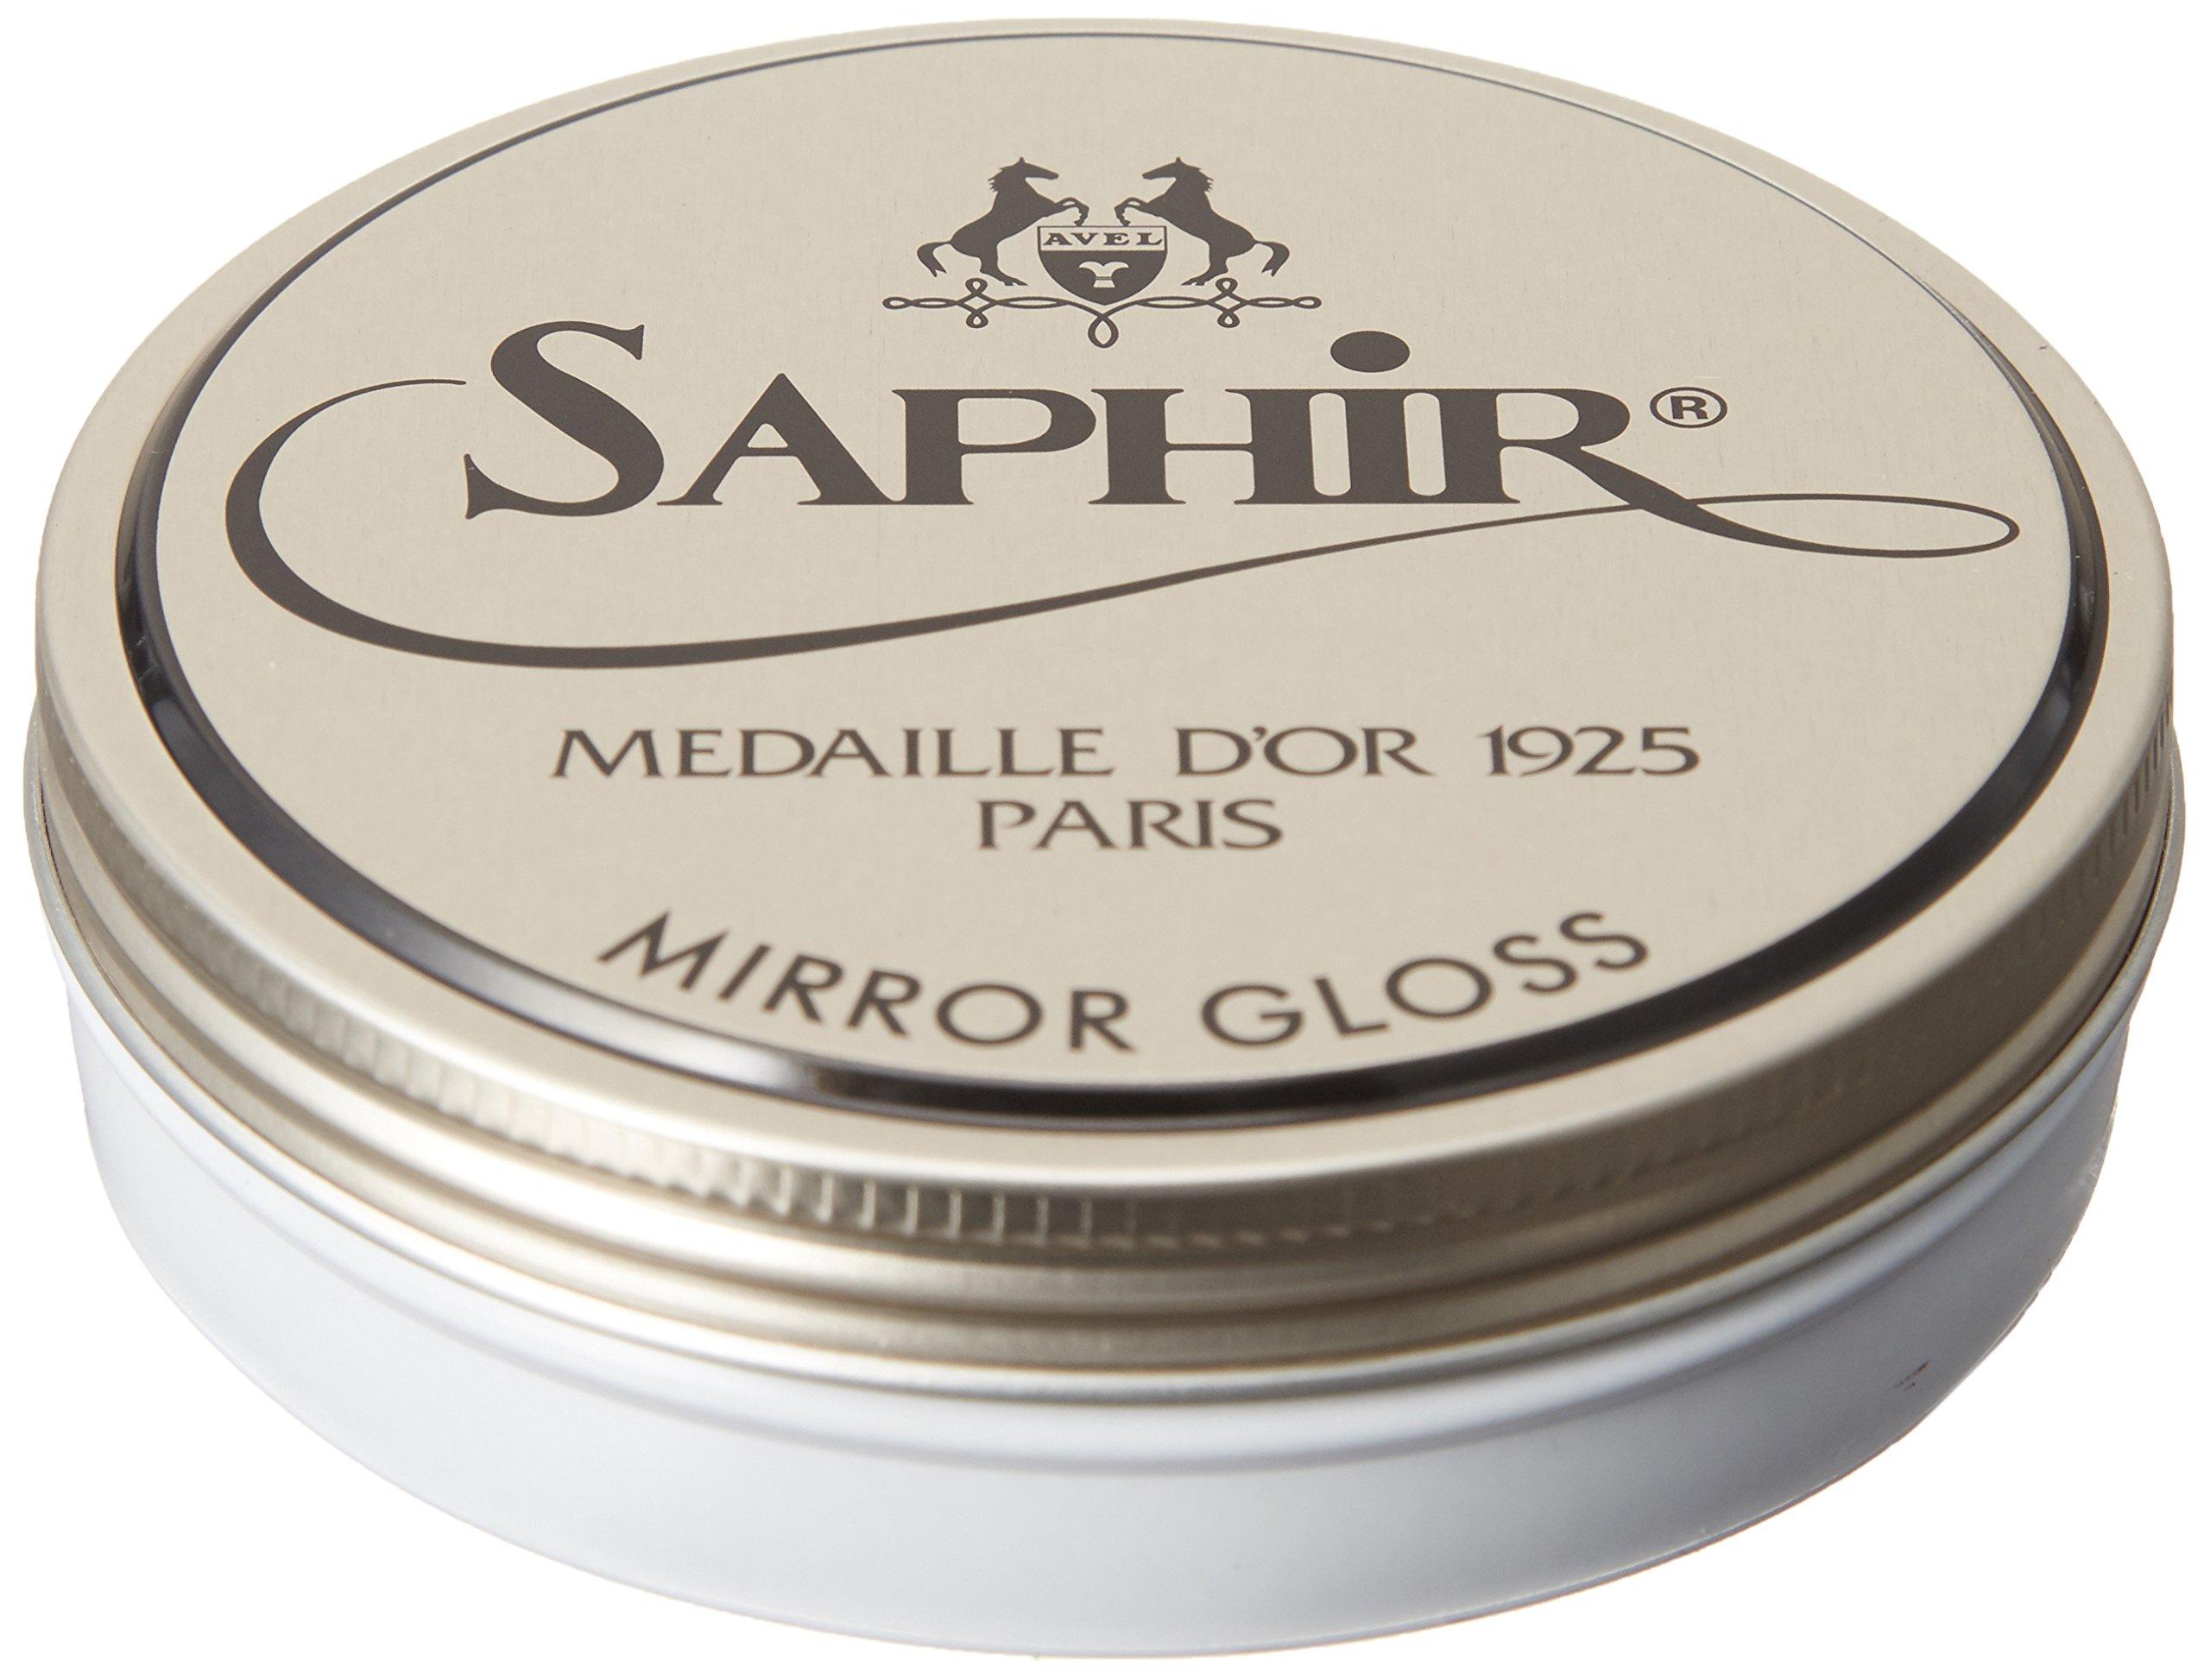 Neutral Saphir Medaille d'Or Mirror Gloss